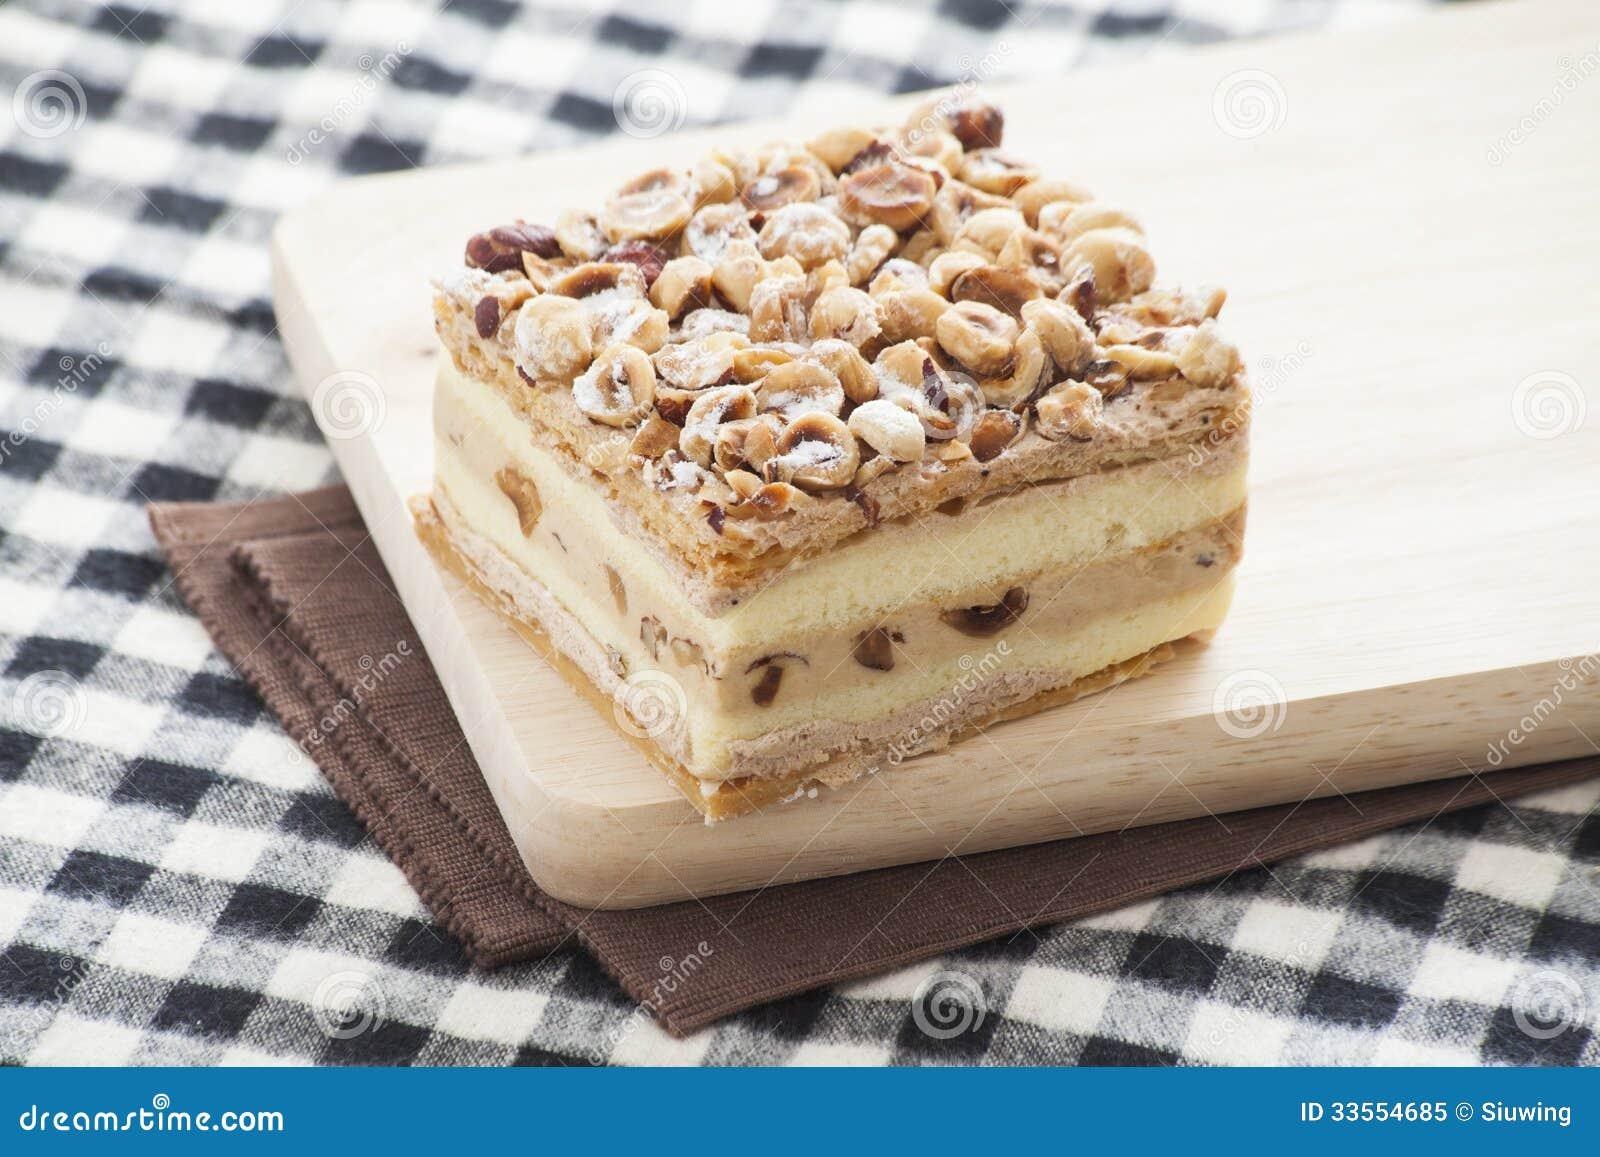 Hazelnut Napoleon Cake Royalty Free Stock Photo - Image ...